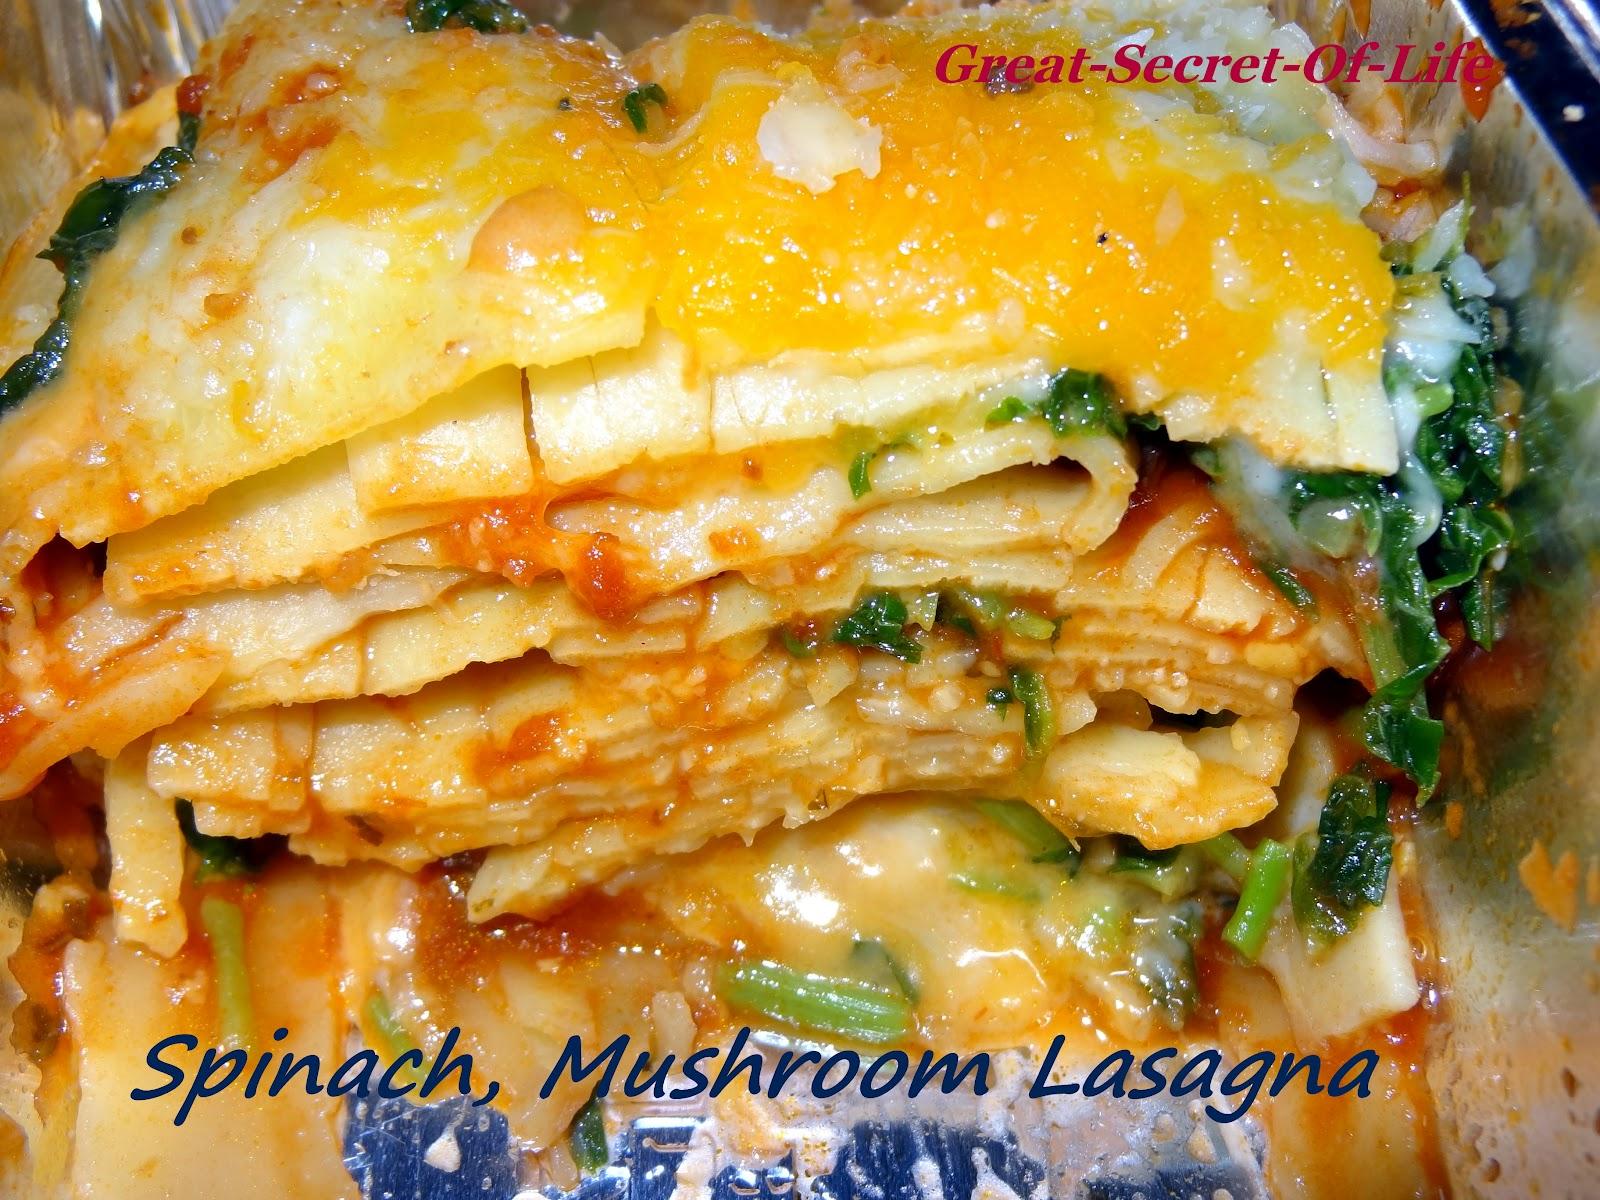 Spinach, Mushroom Lasagna